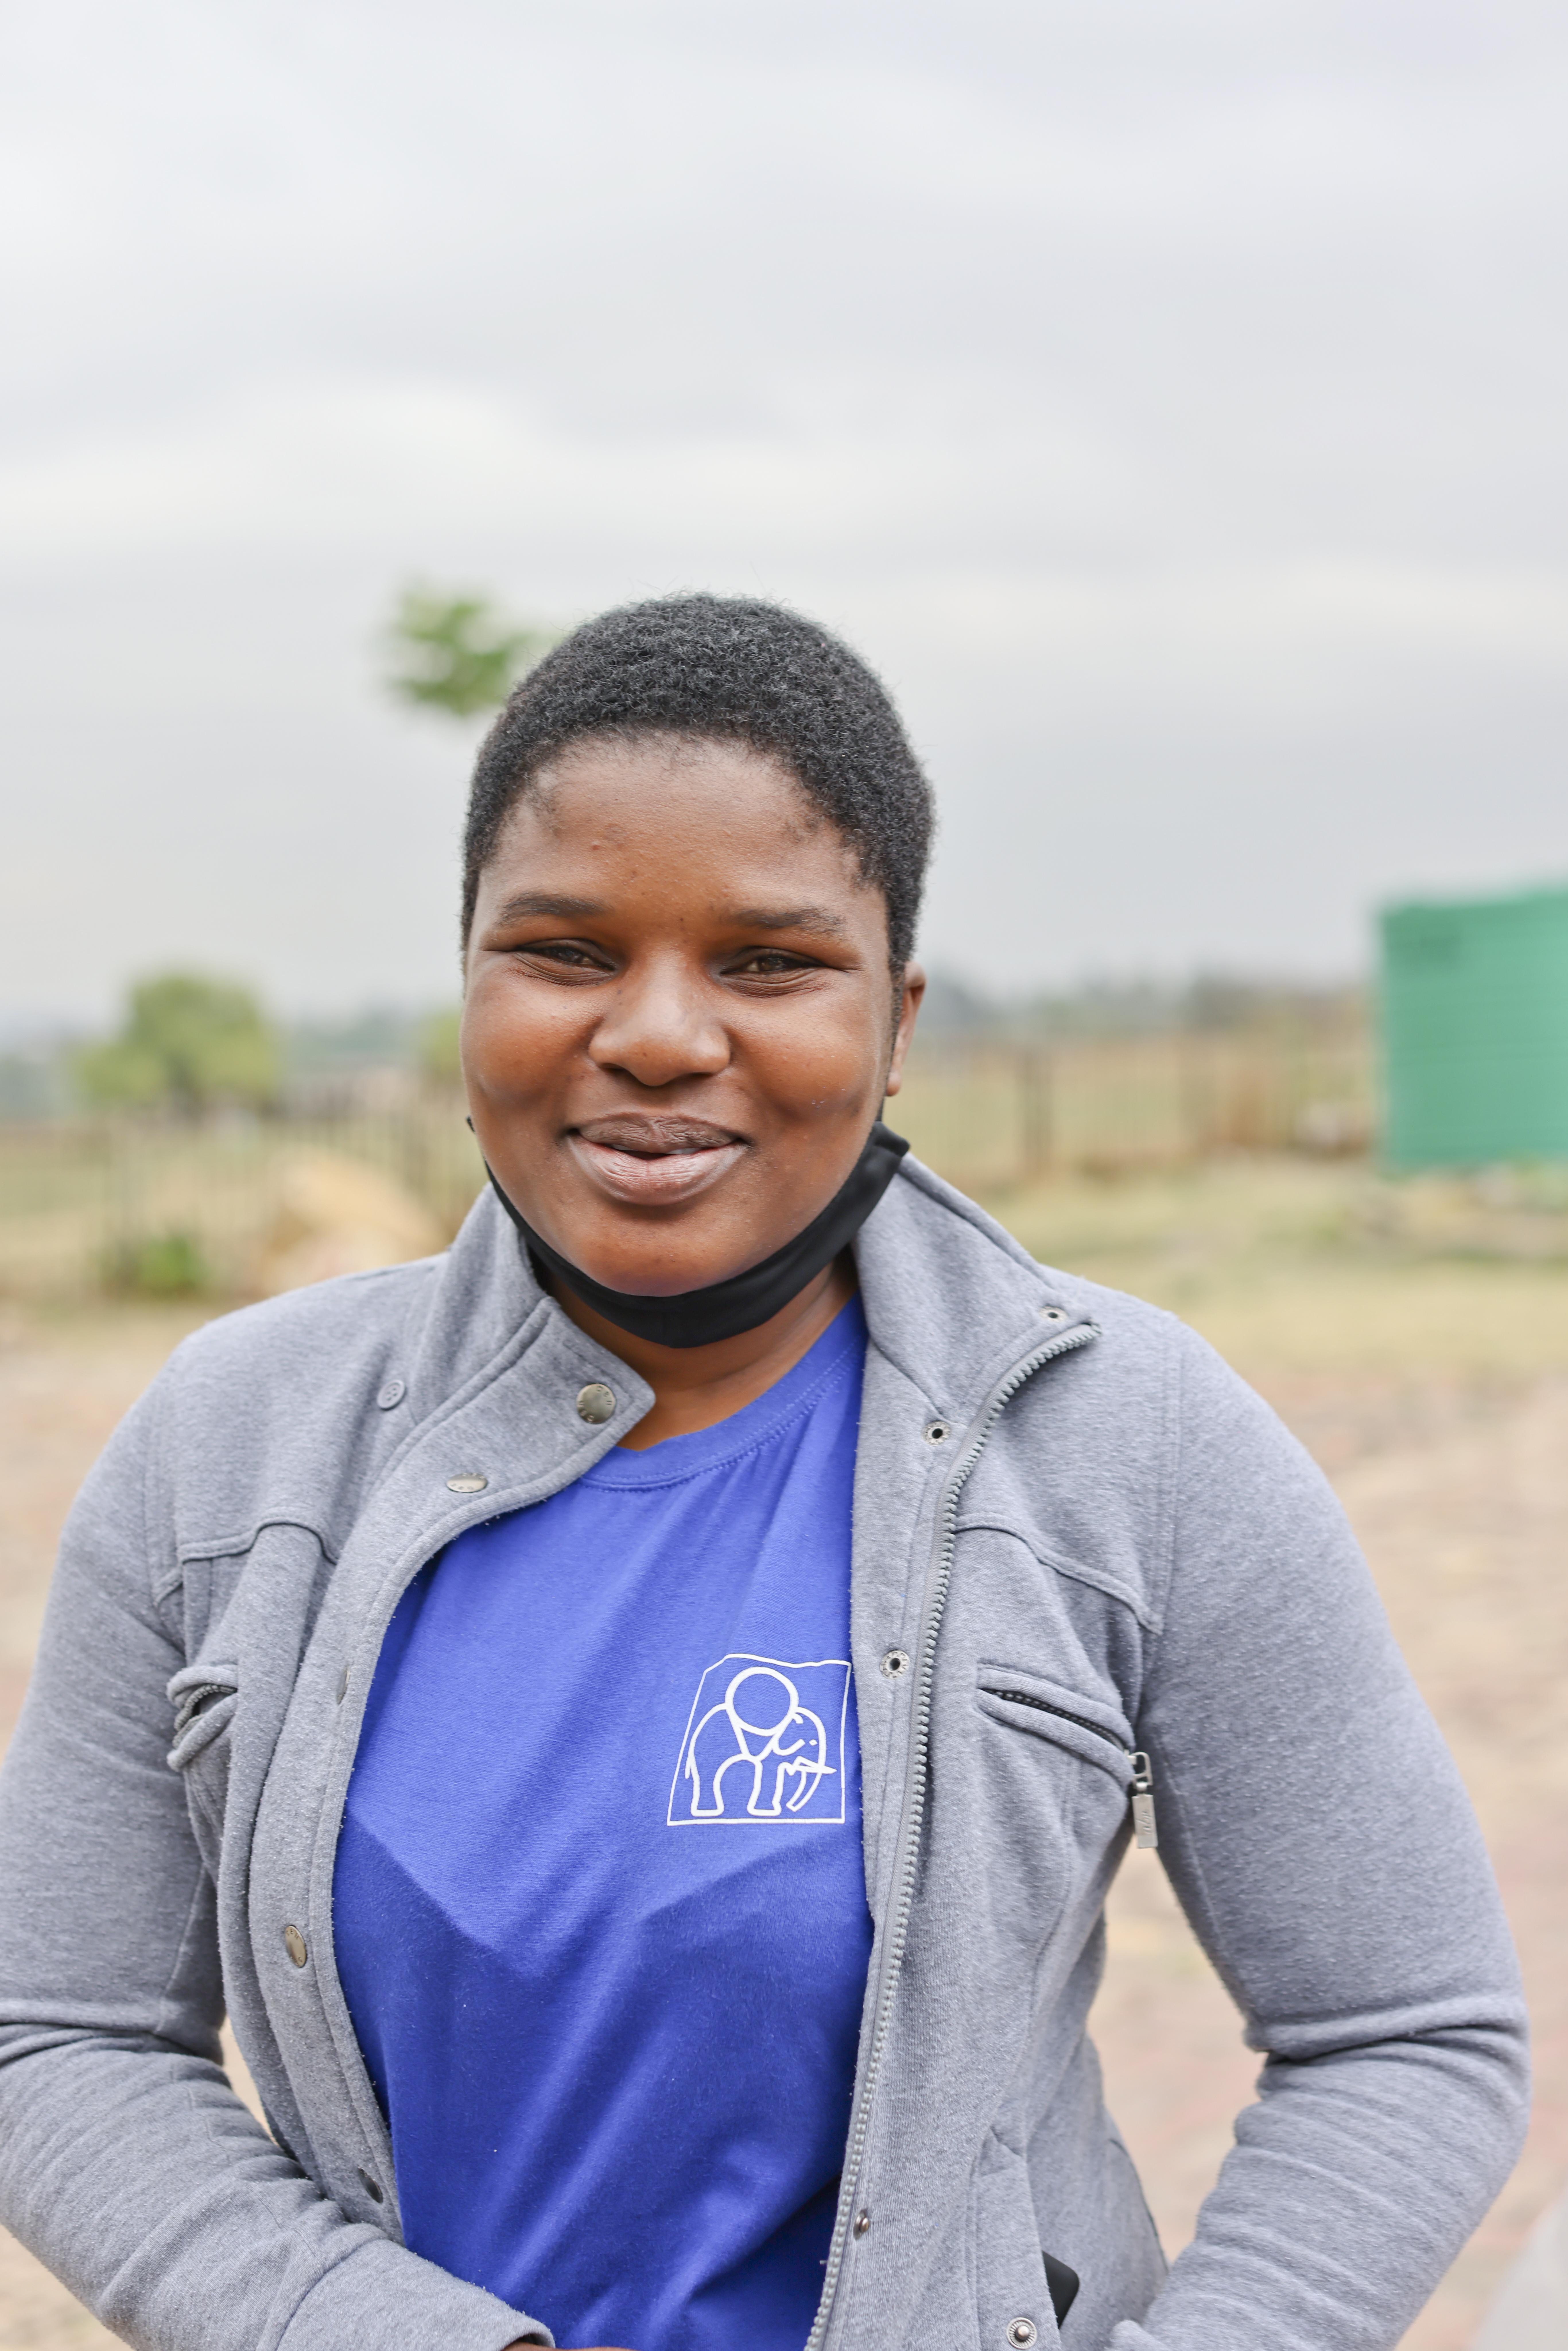 Rofhiwa Ndou